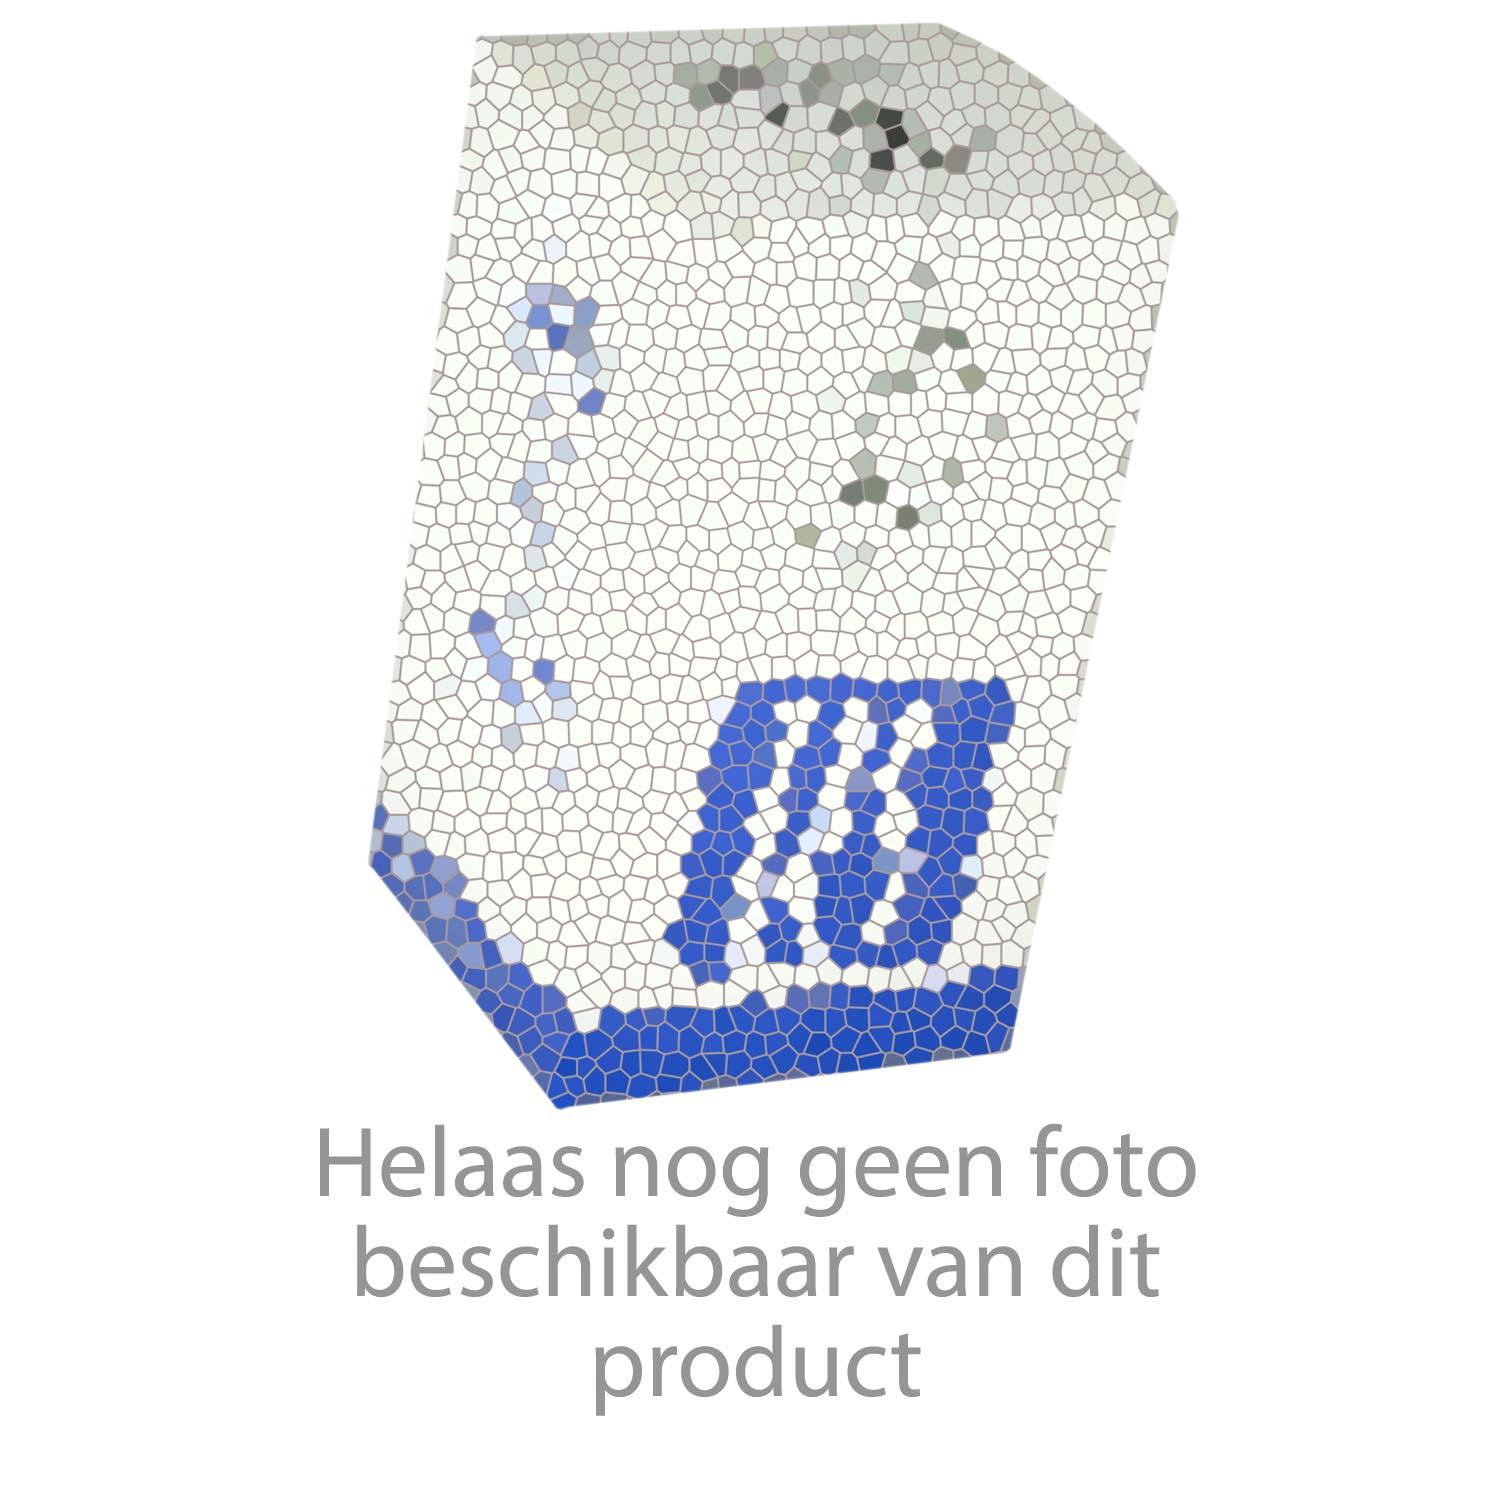 HansGrohe Keukenmengkranen Allegra Sportive / Allegra Elegance productiejaar > 09/01 32815000 onderdelen